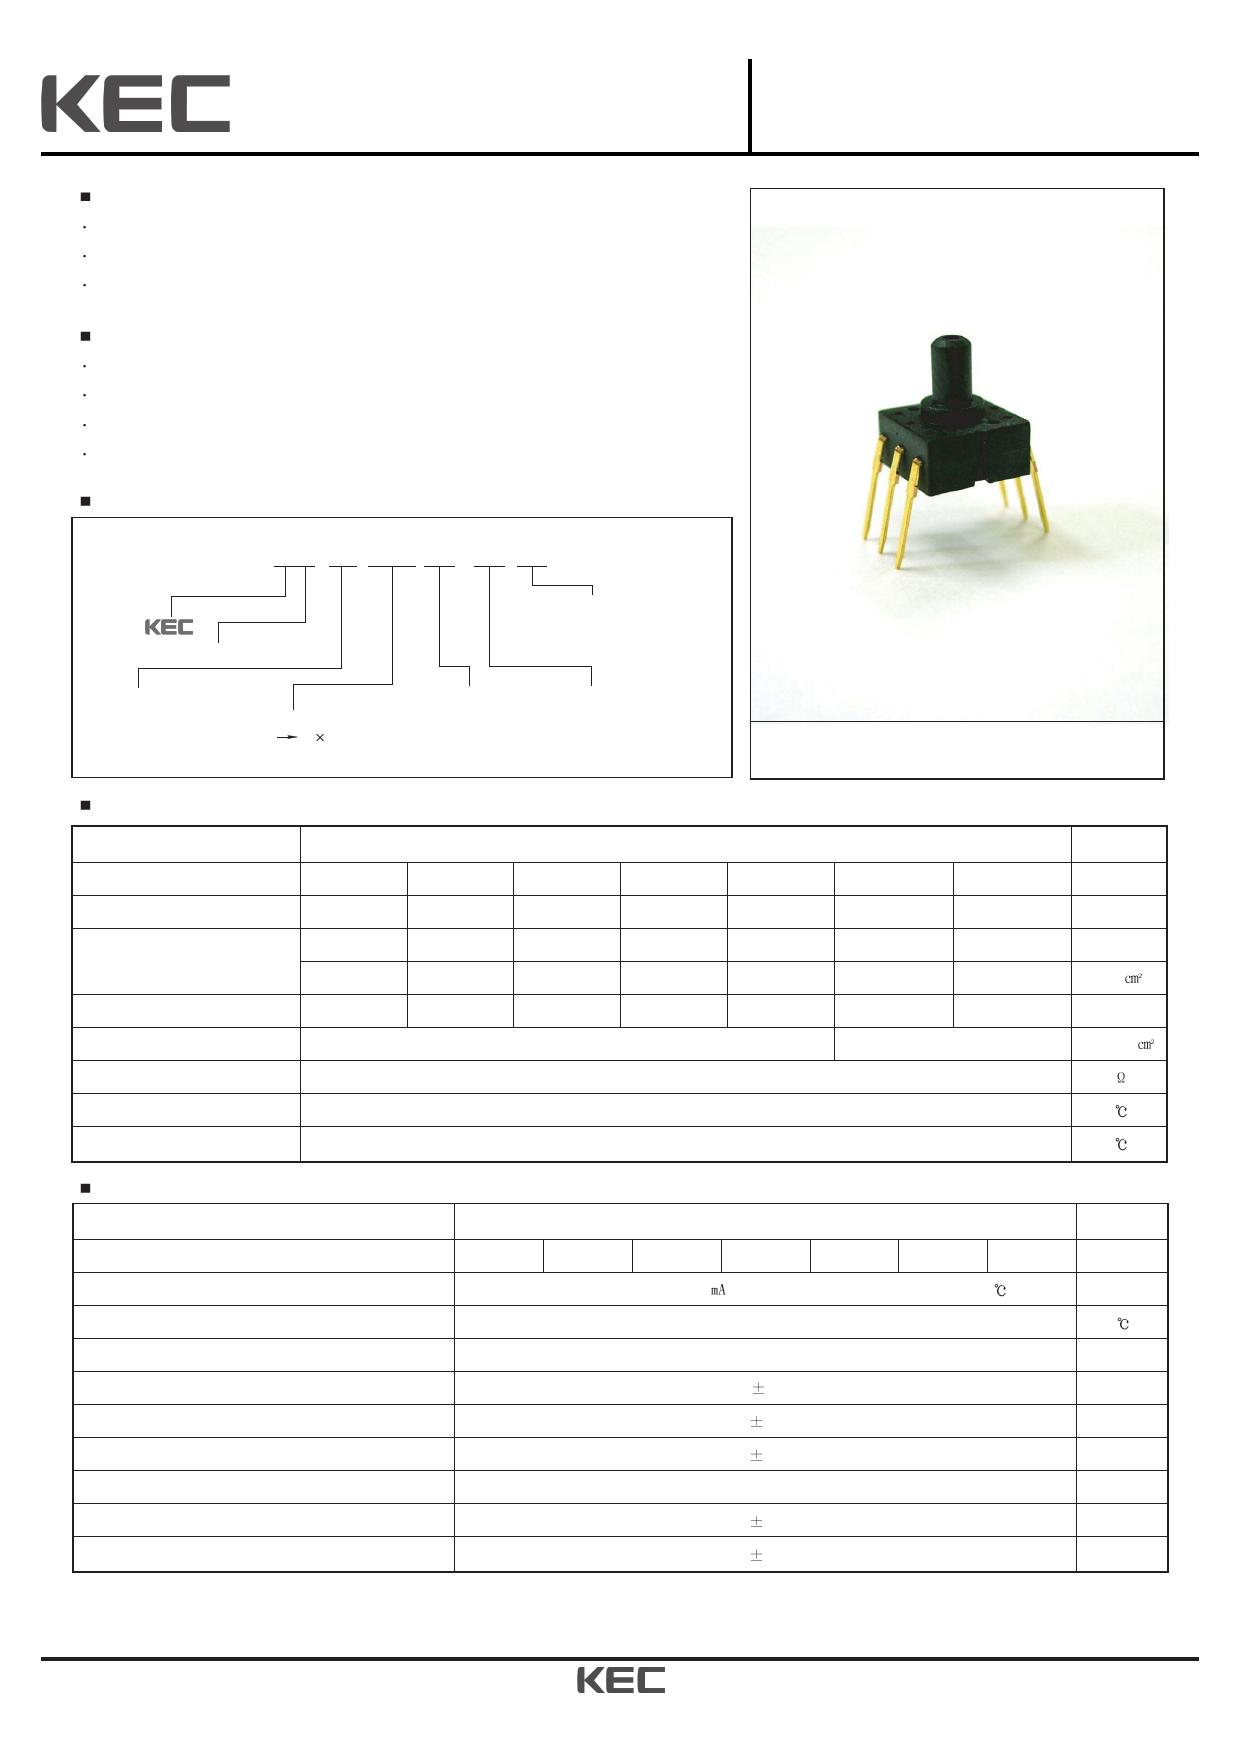 KPF801G01A 데이터시트 및 KPF801G01A PDF